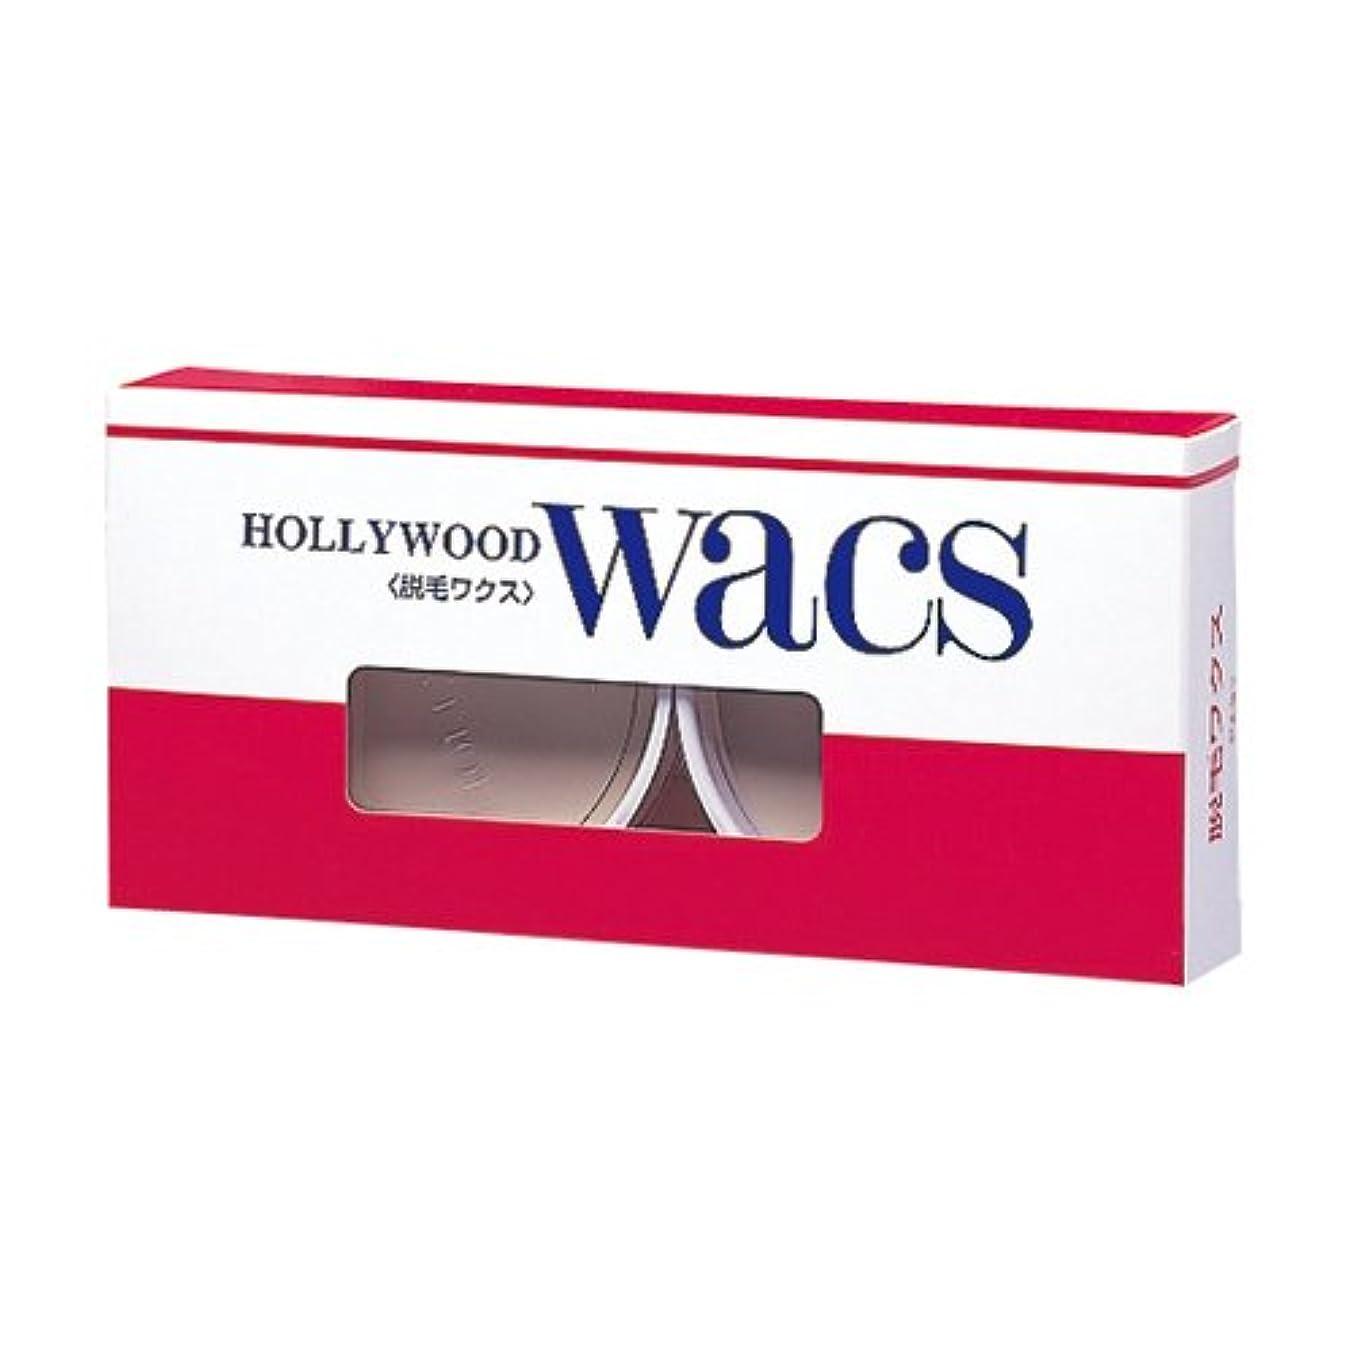 買い手調整するハリウッド 脱毛ワクス (50g × 2)